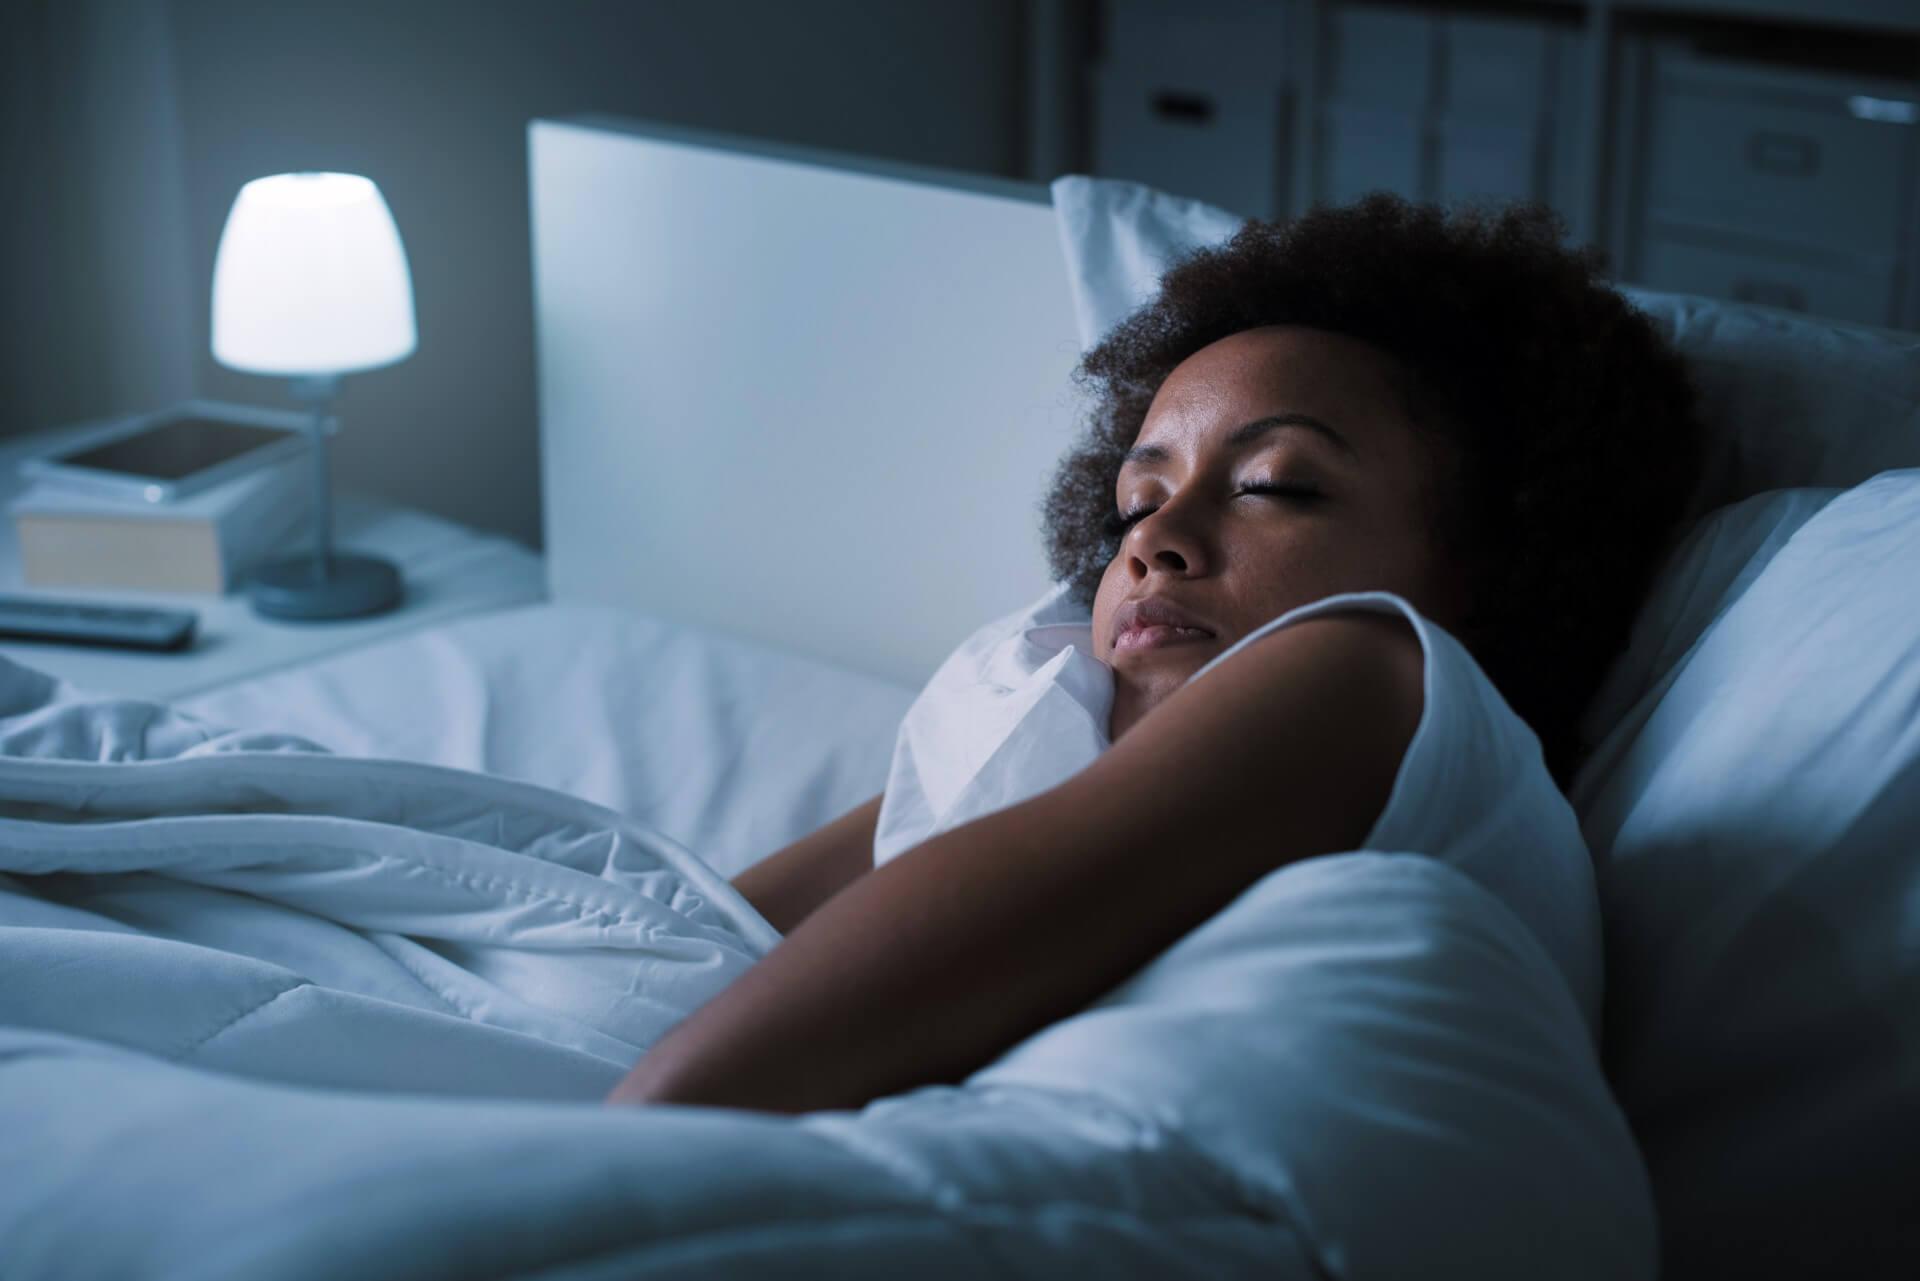 Novo estudo revela o conteúdo dos sonhos das pessoas durante a pandemia